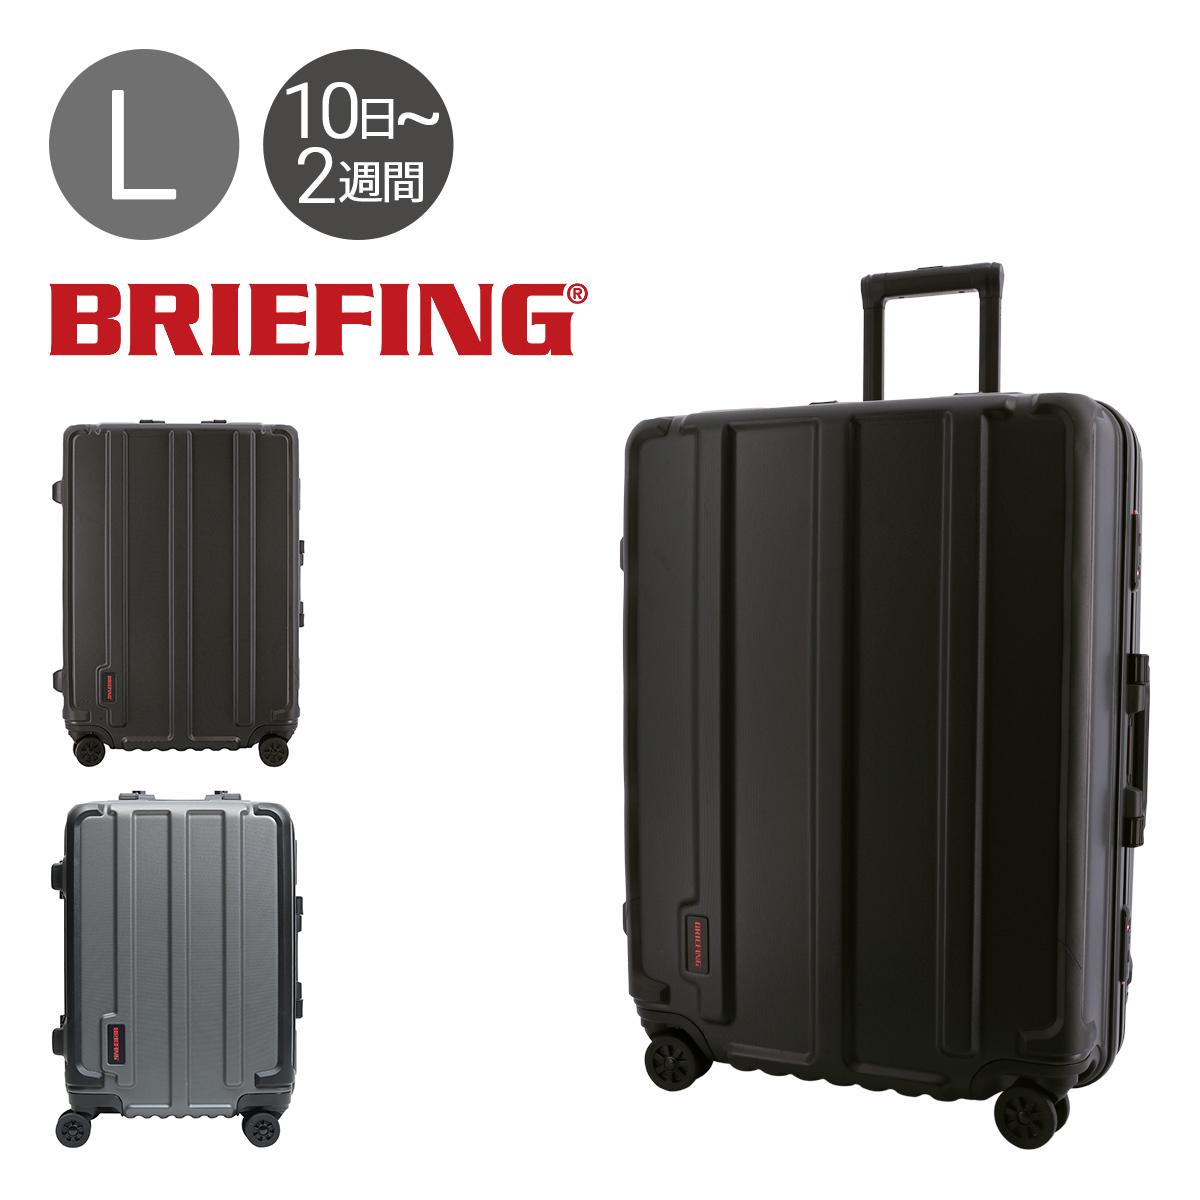 ブリーフィング スーツケース 98L 71cm 6.25kg メンズ BRA191C05 BRIEFING | ハード フレーム | キャリーバッグ キャリーケース ビジネスキャリー 軽量 耐久性 TSAロック搭載 [PO10][bef][即日発送]